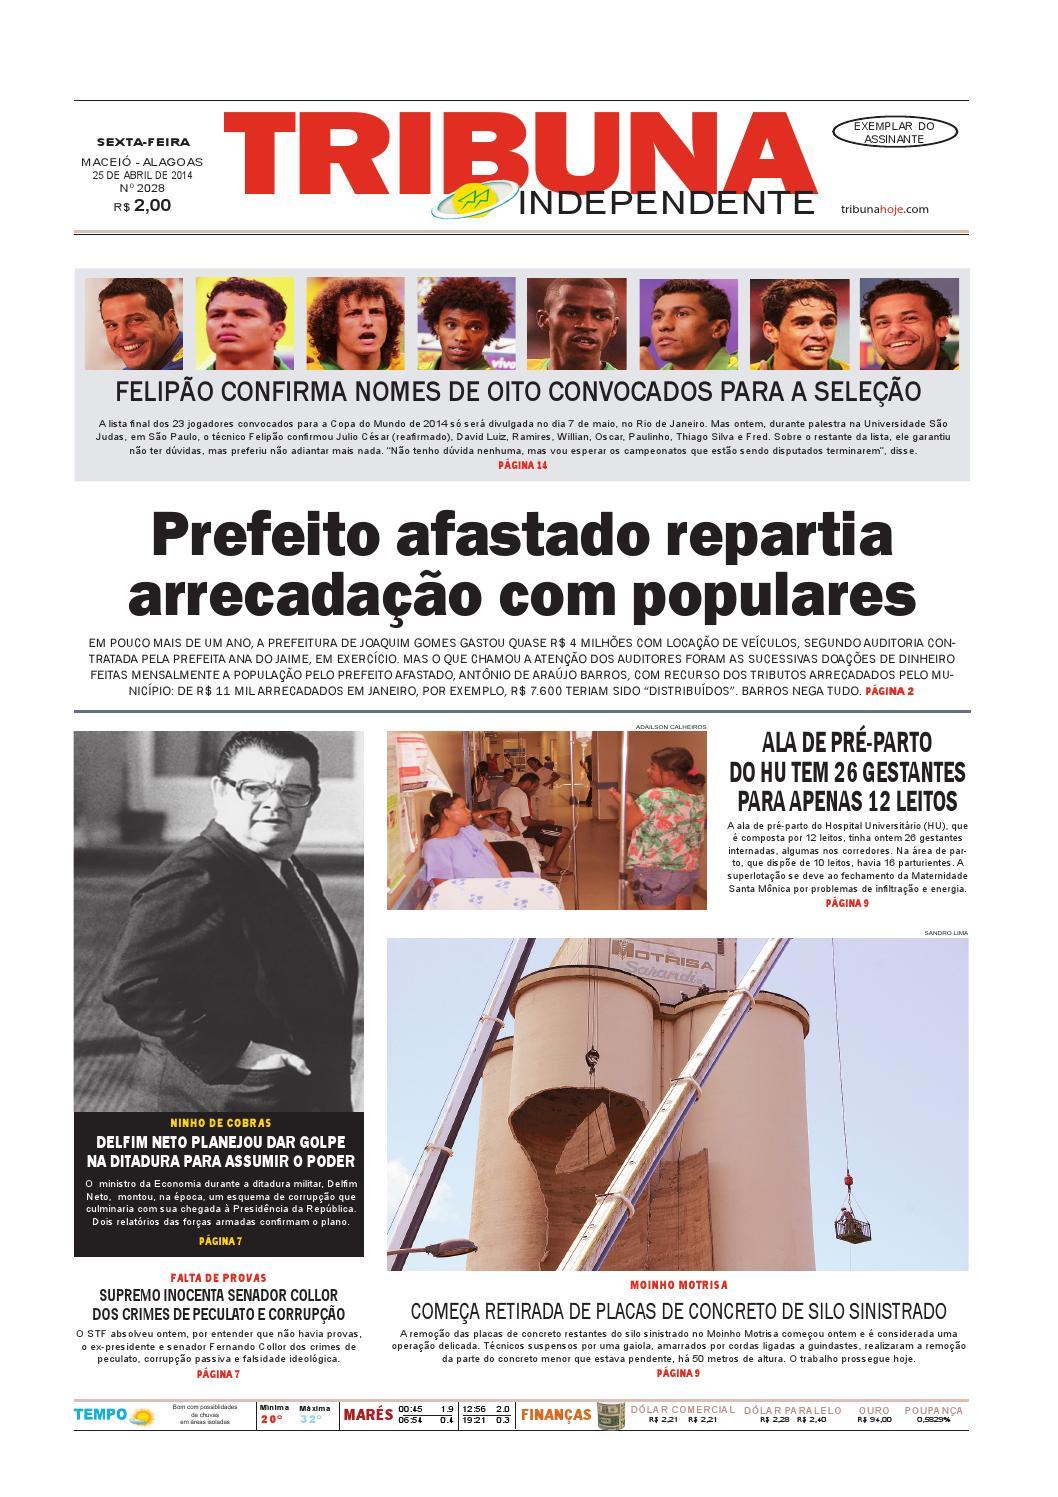 d76c5787c86 Edição número 2028 - 25 de abril de 2014 by Tribuna Hoje - issuu